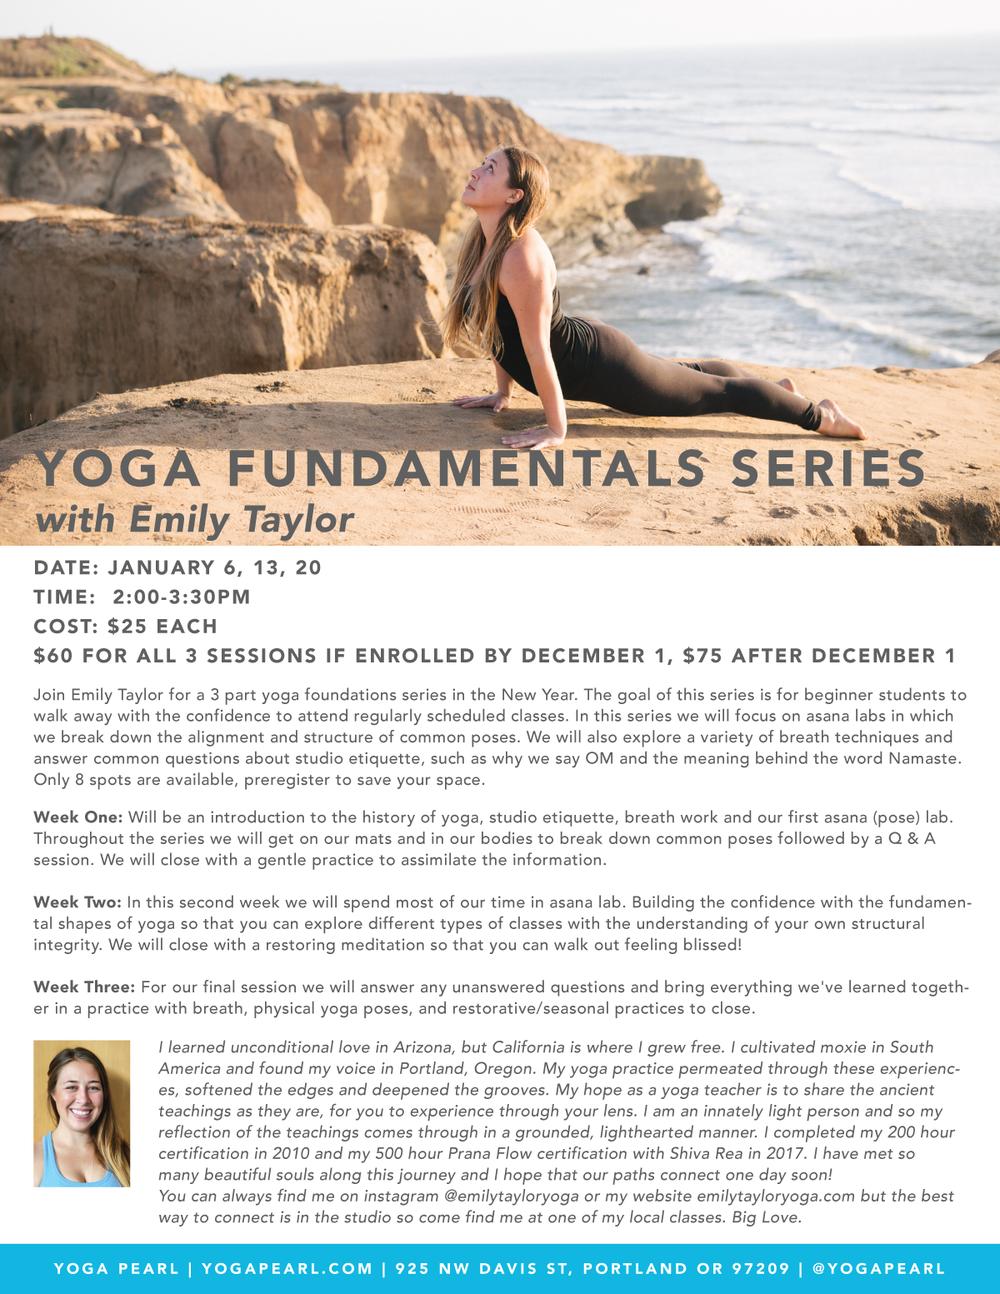 yoga-fundamentals.png